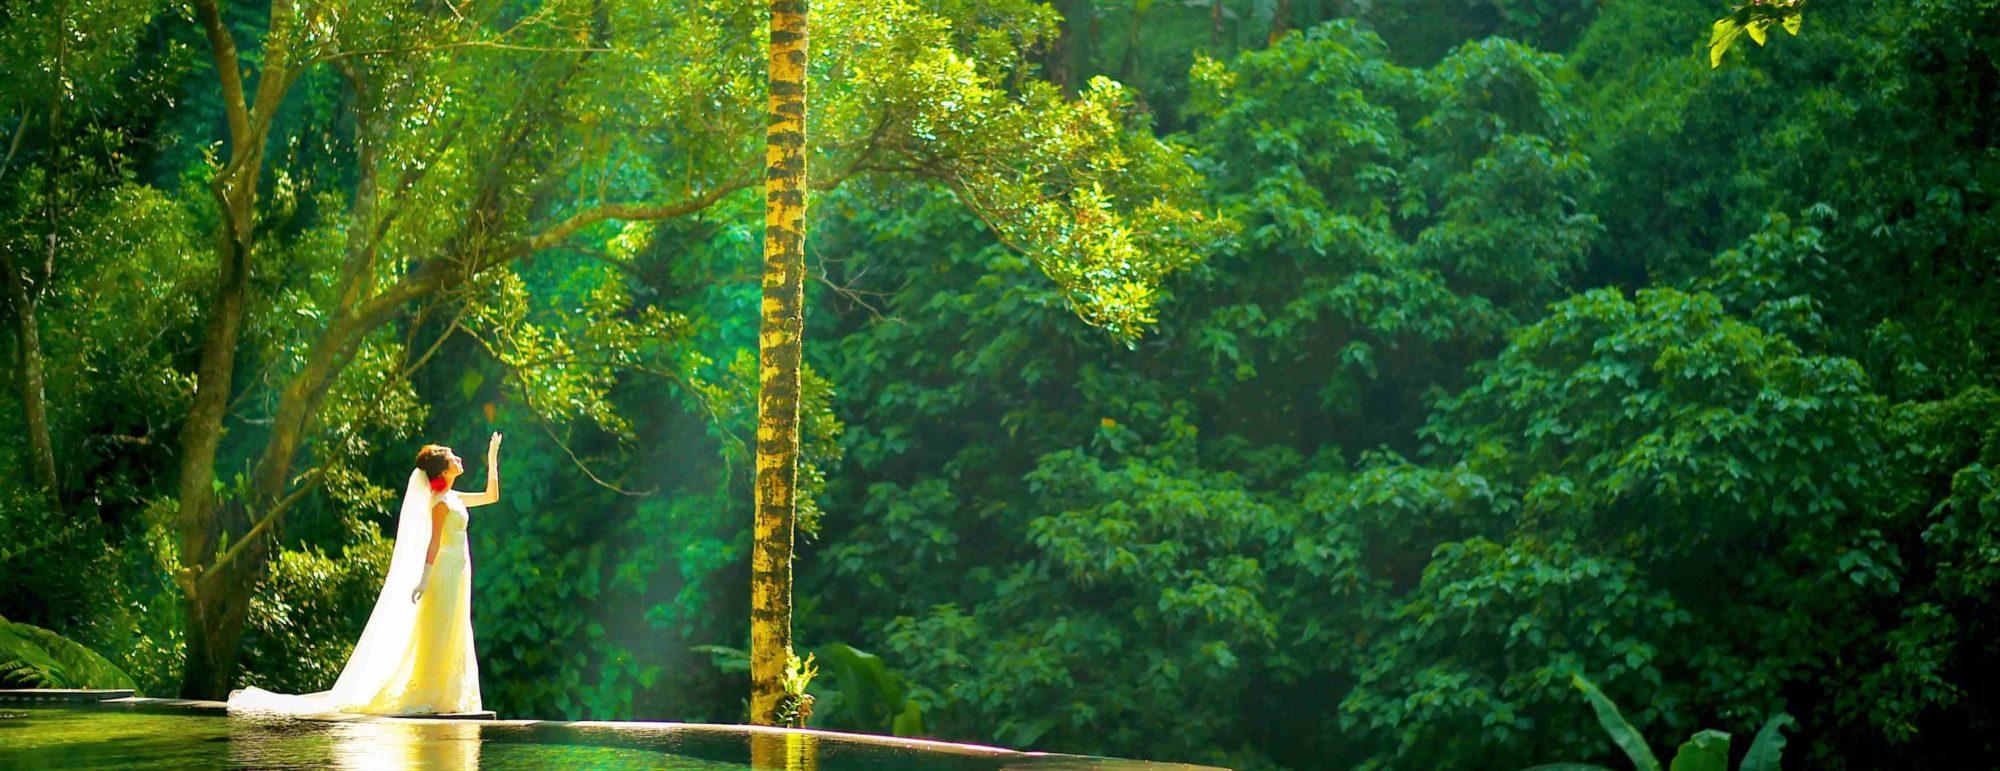 バリ島ウブド・ウェディング Maya Ubud Resort マヤ・ウブド・リゾート挙式